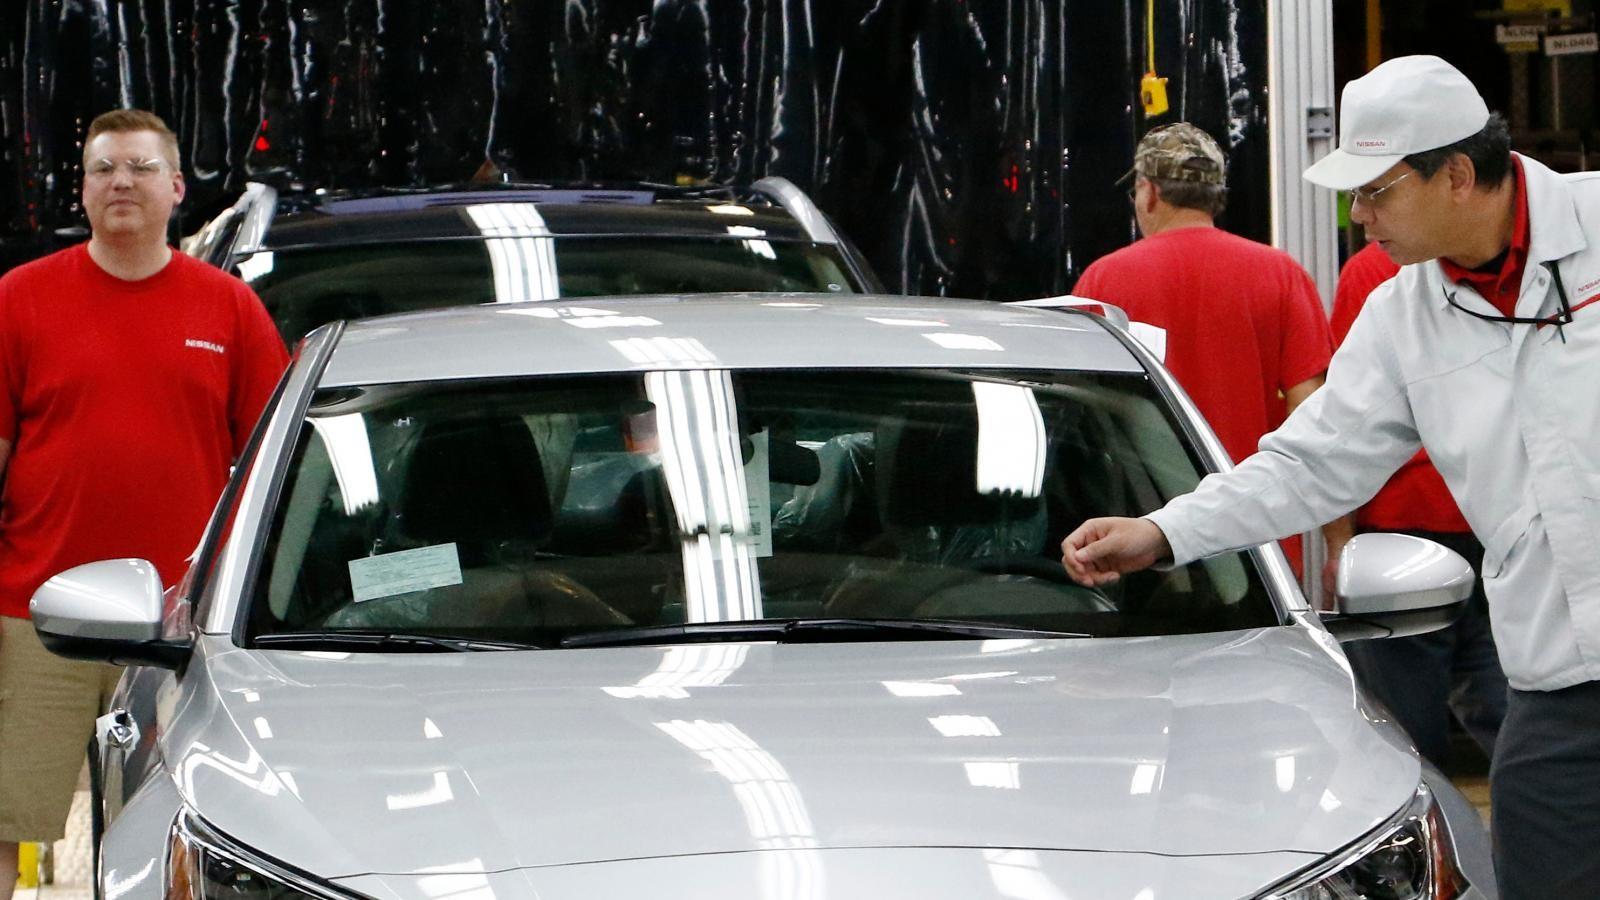 Sửa chữa kính chắn gió trên một chiếc xe hiện đại đã không còn đơn giản như trước kia